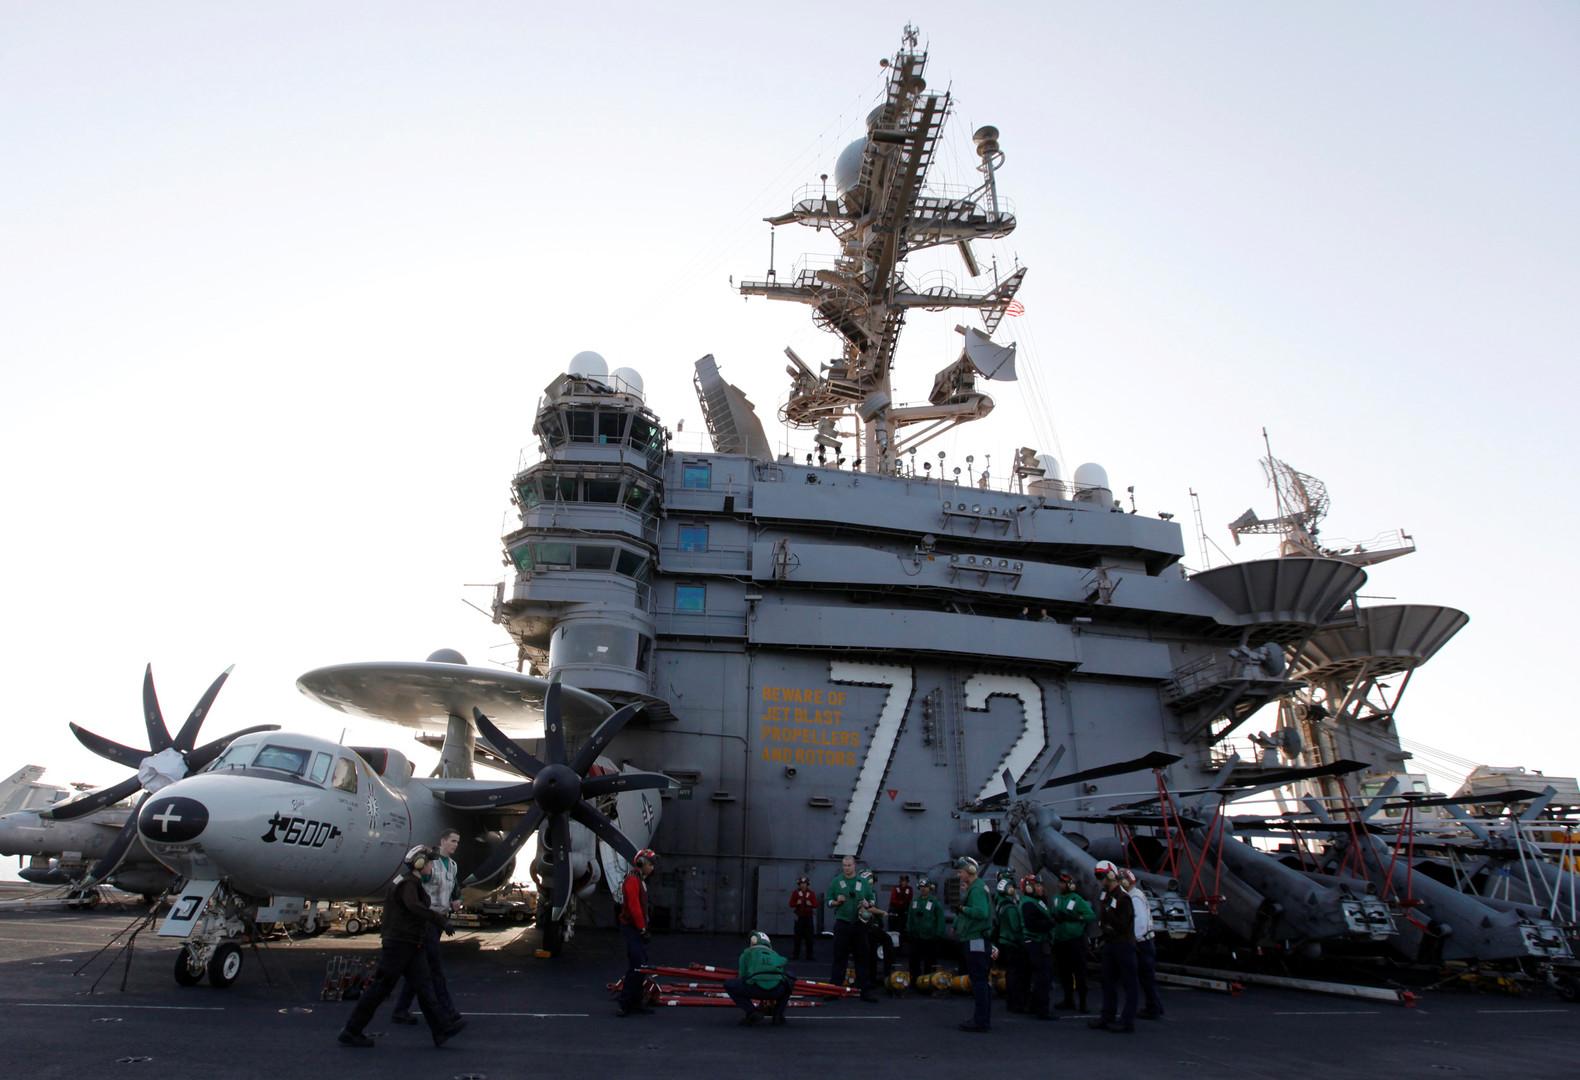 صور استخباراتية لصواريخ إيرانية تشعل حرب التكهنات في أمريكا